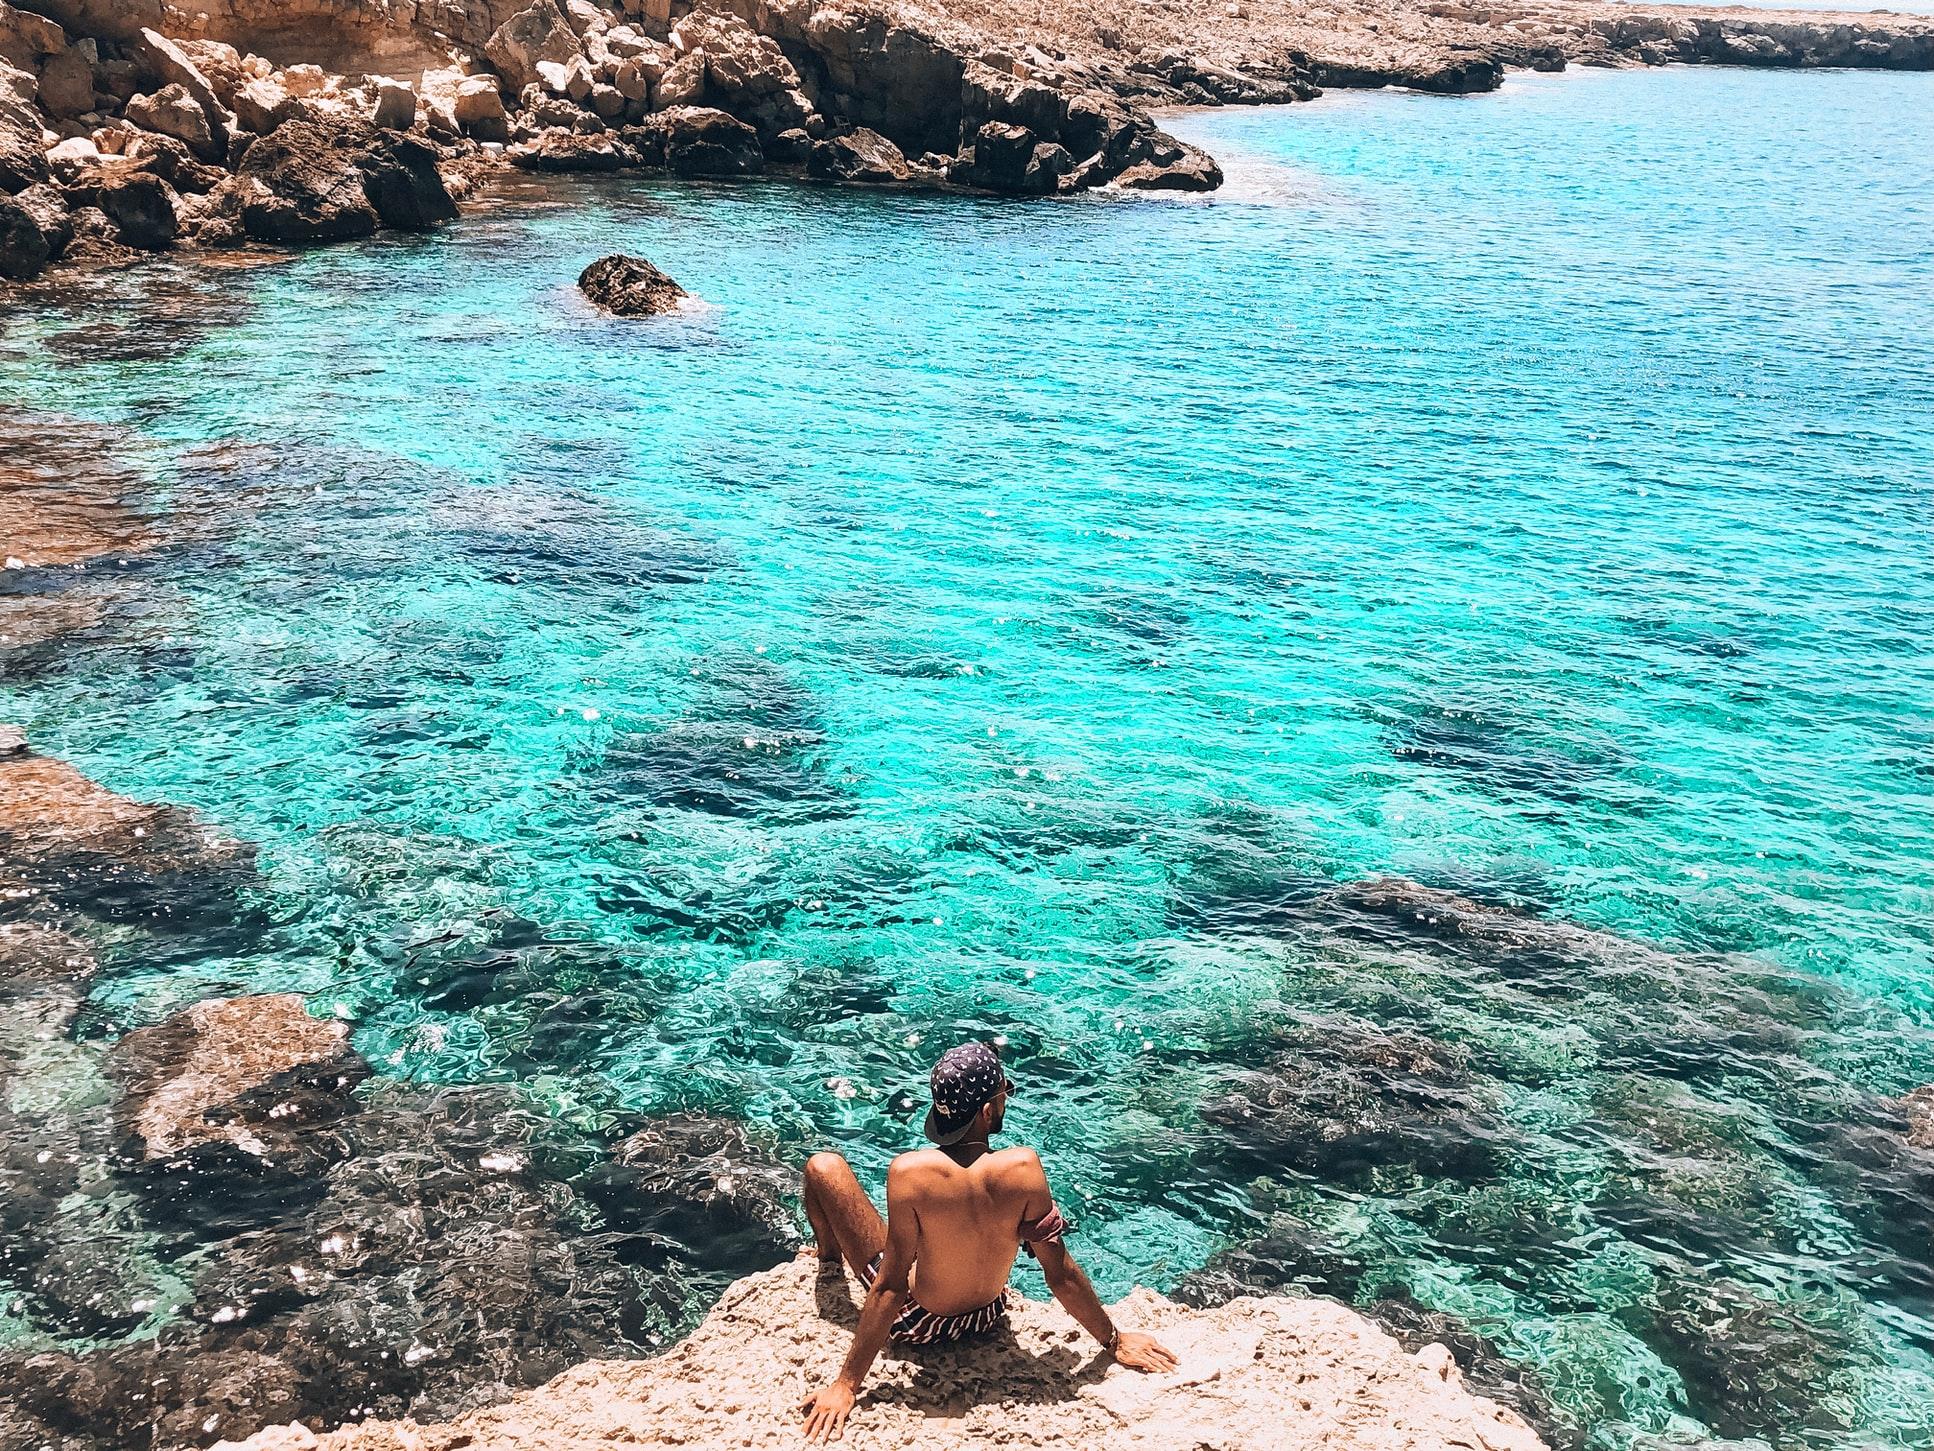 Cypr, Grecja, luksusowe wakacje, Cypr wczasy, Wycieczki na Cypr, ekskluzywne hotele, biuro podróży CARTER